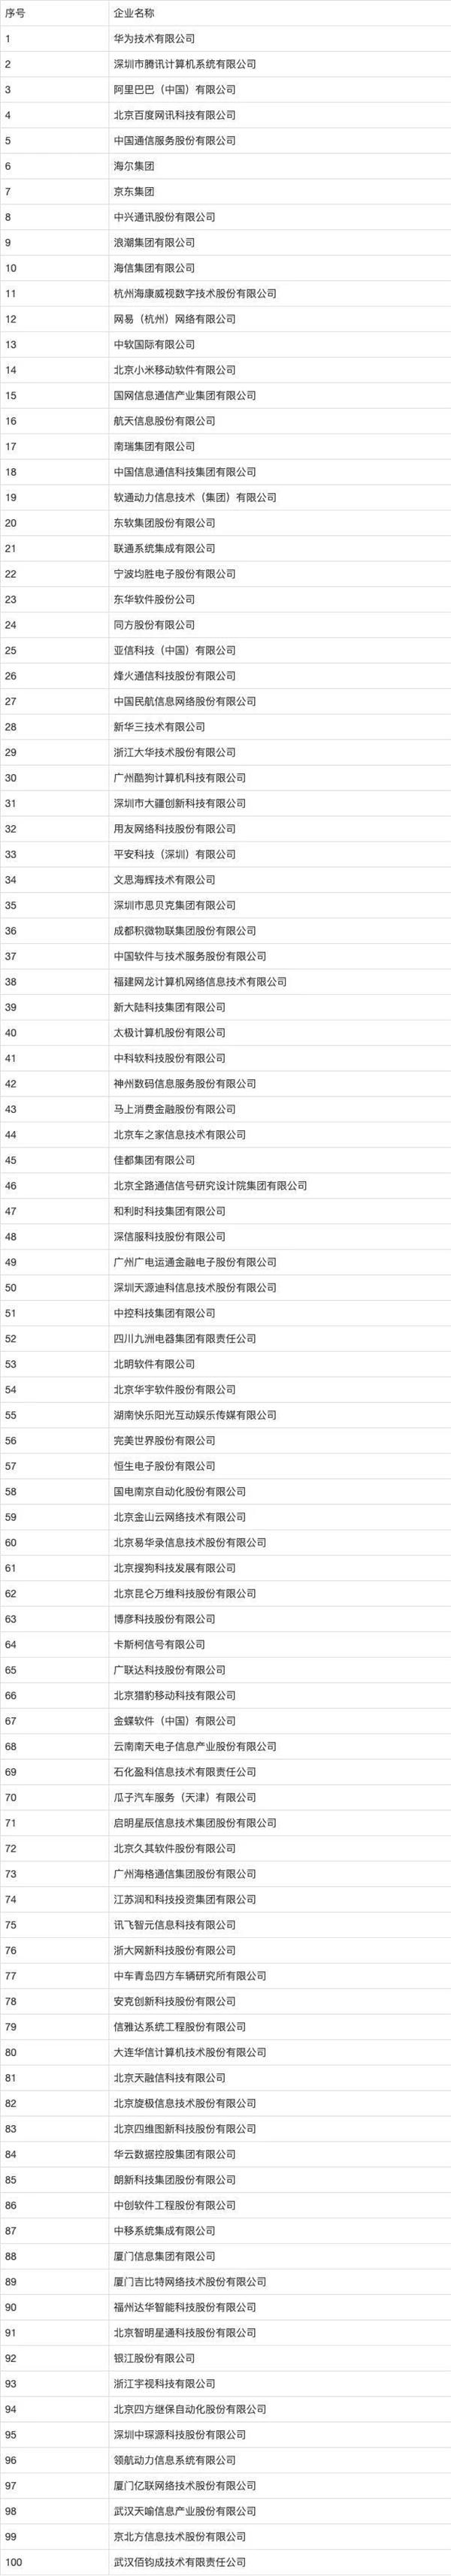 2020中国软件百强:华为继续力压BAT